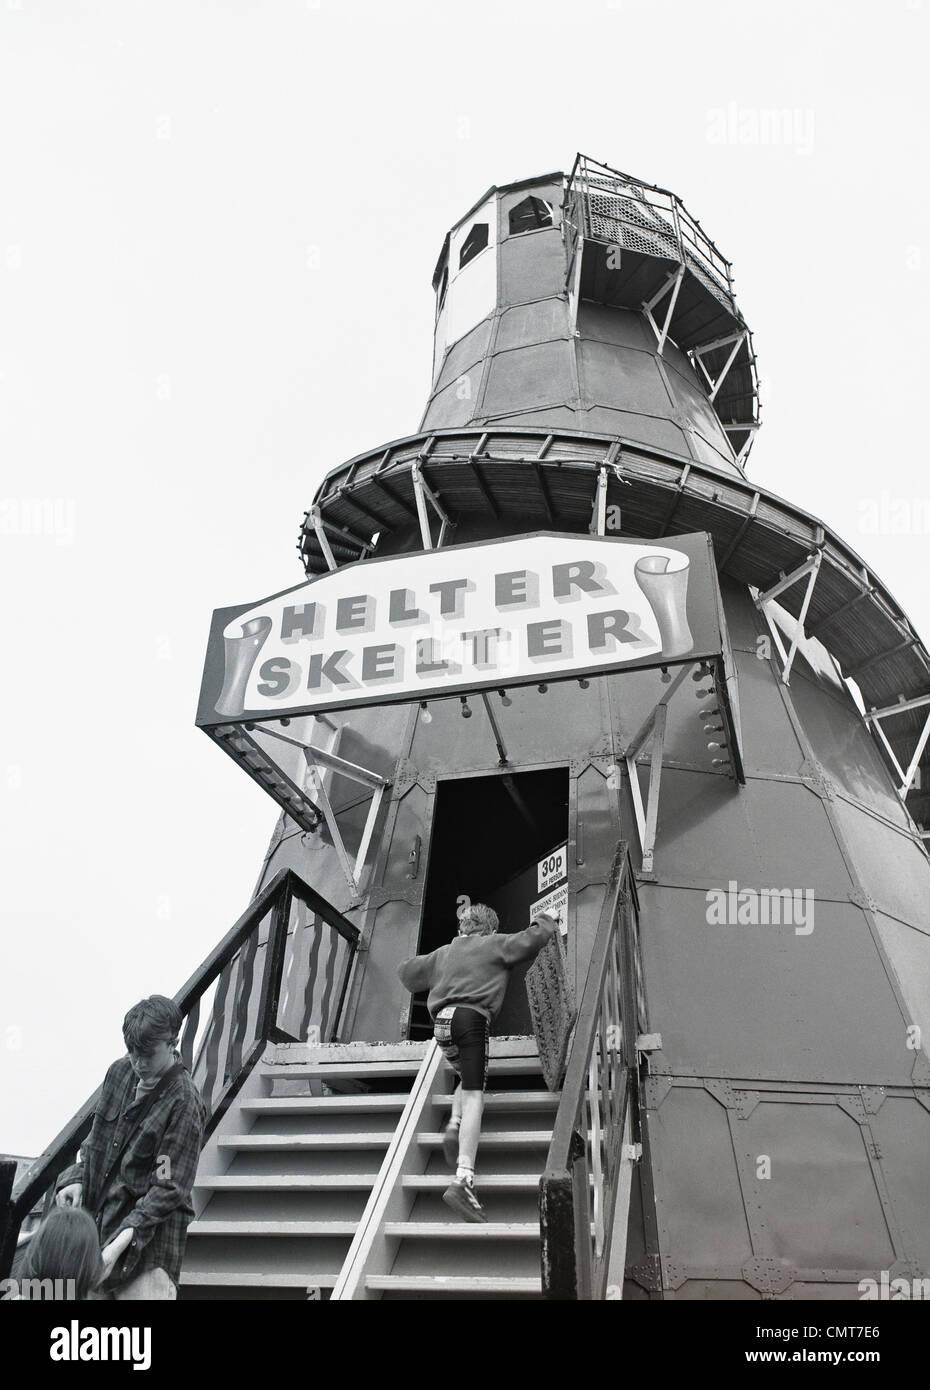 Un pêle-mêle fairground attraction en usage dans les années 1980 - Skerries, comté de Dublin, Photo Stock